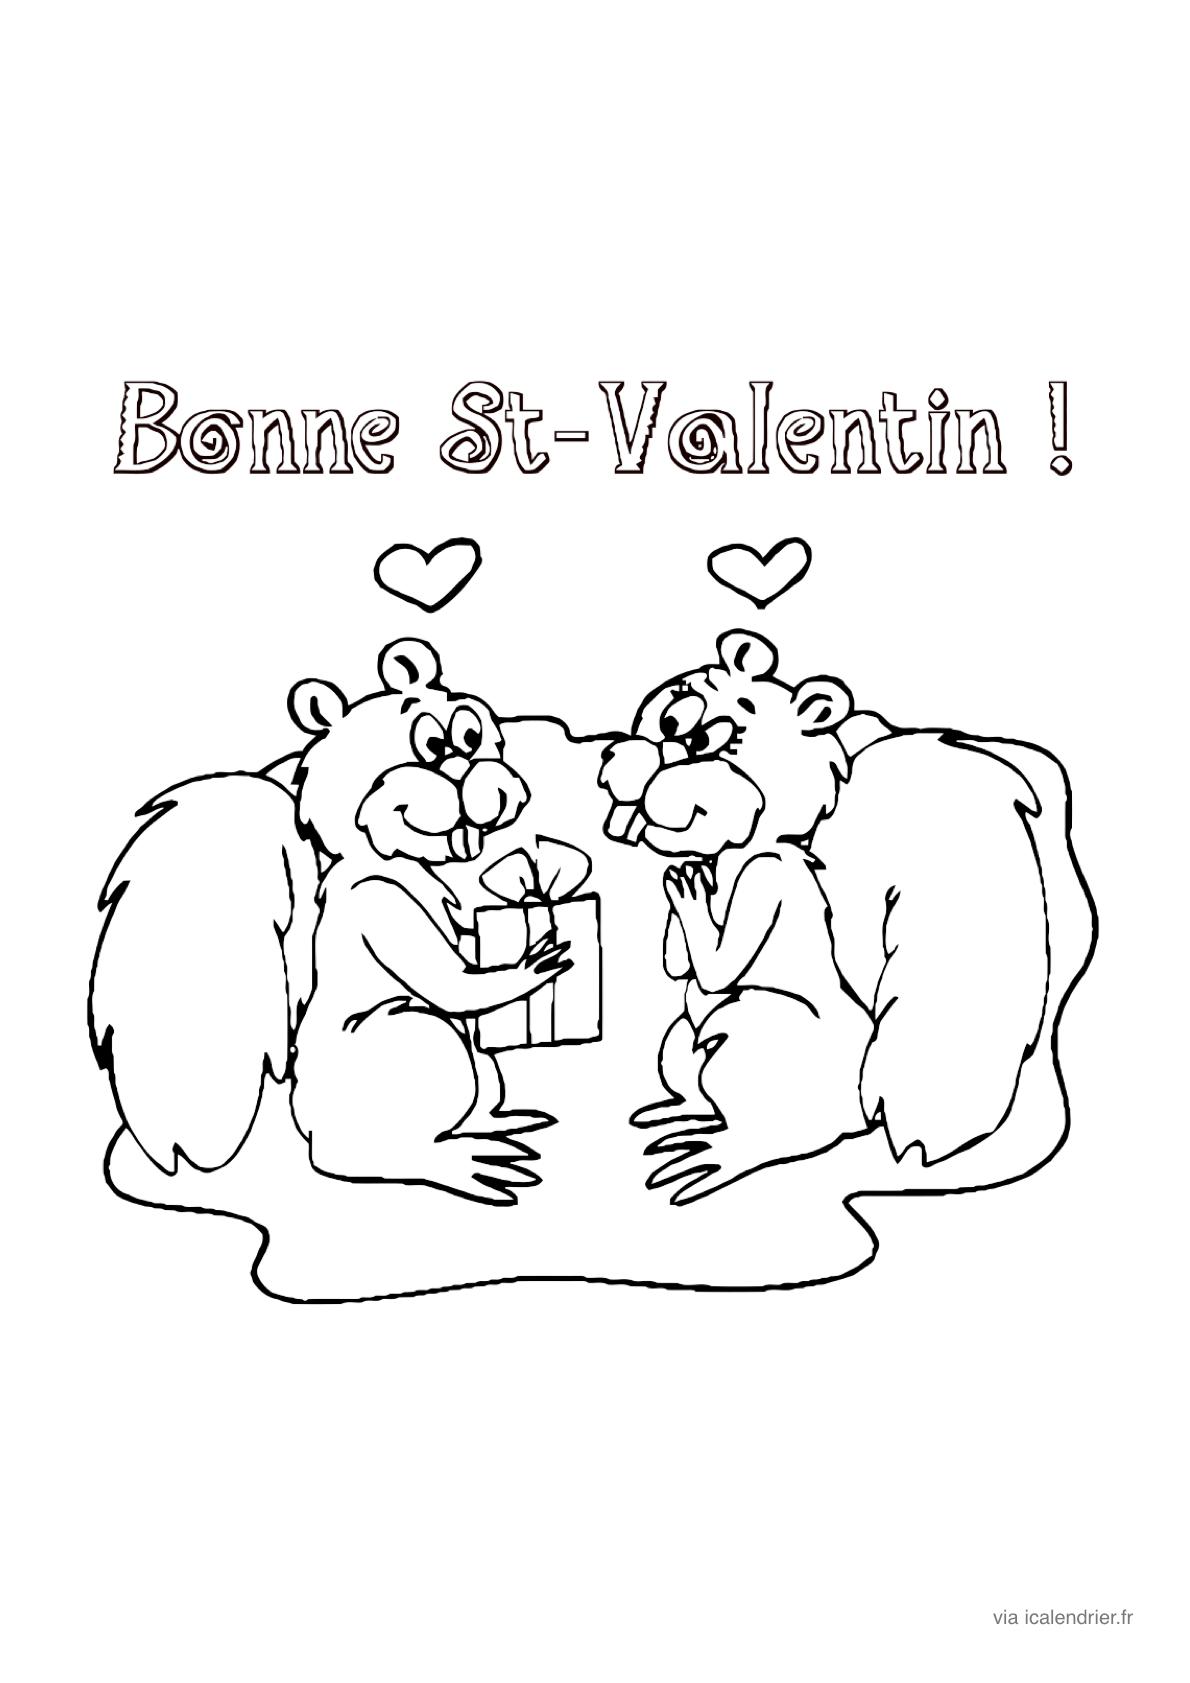 Saint-Valentin - Coloriage À Offrir - Icalendrier destiné Coloriage De St Valentin